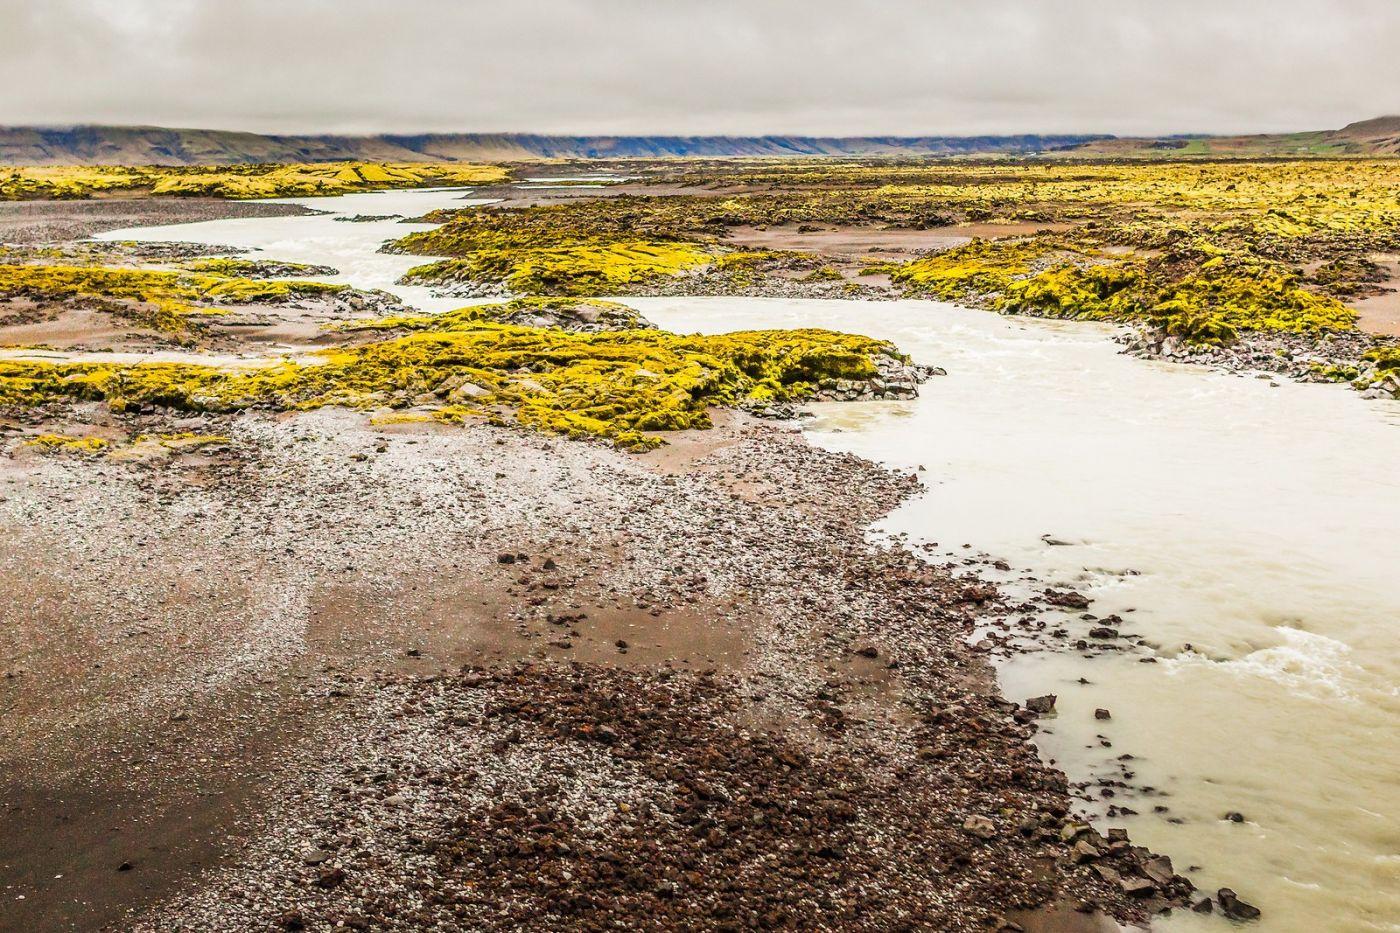 冰岛风采,那一片水景_图1-36